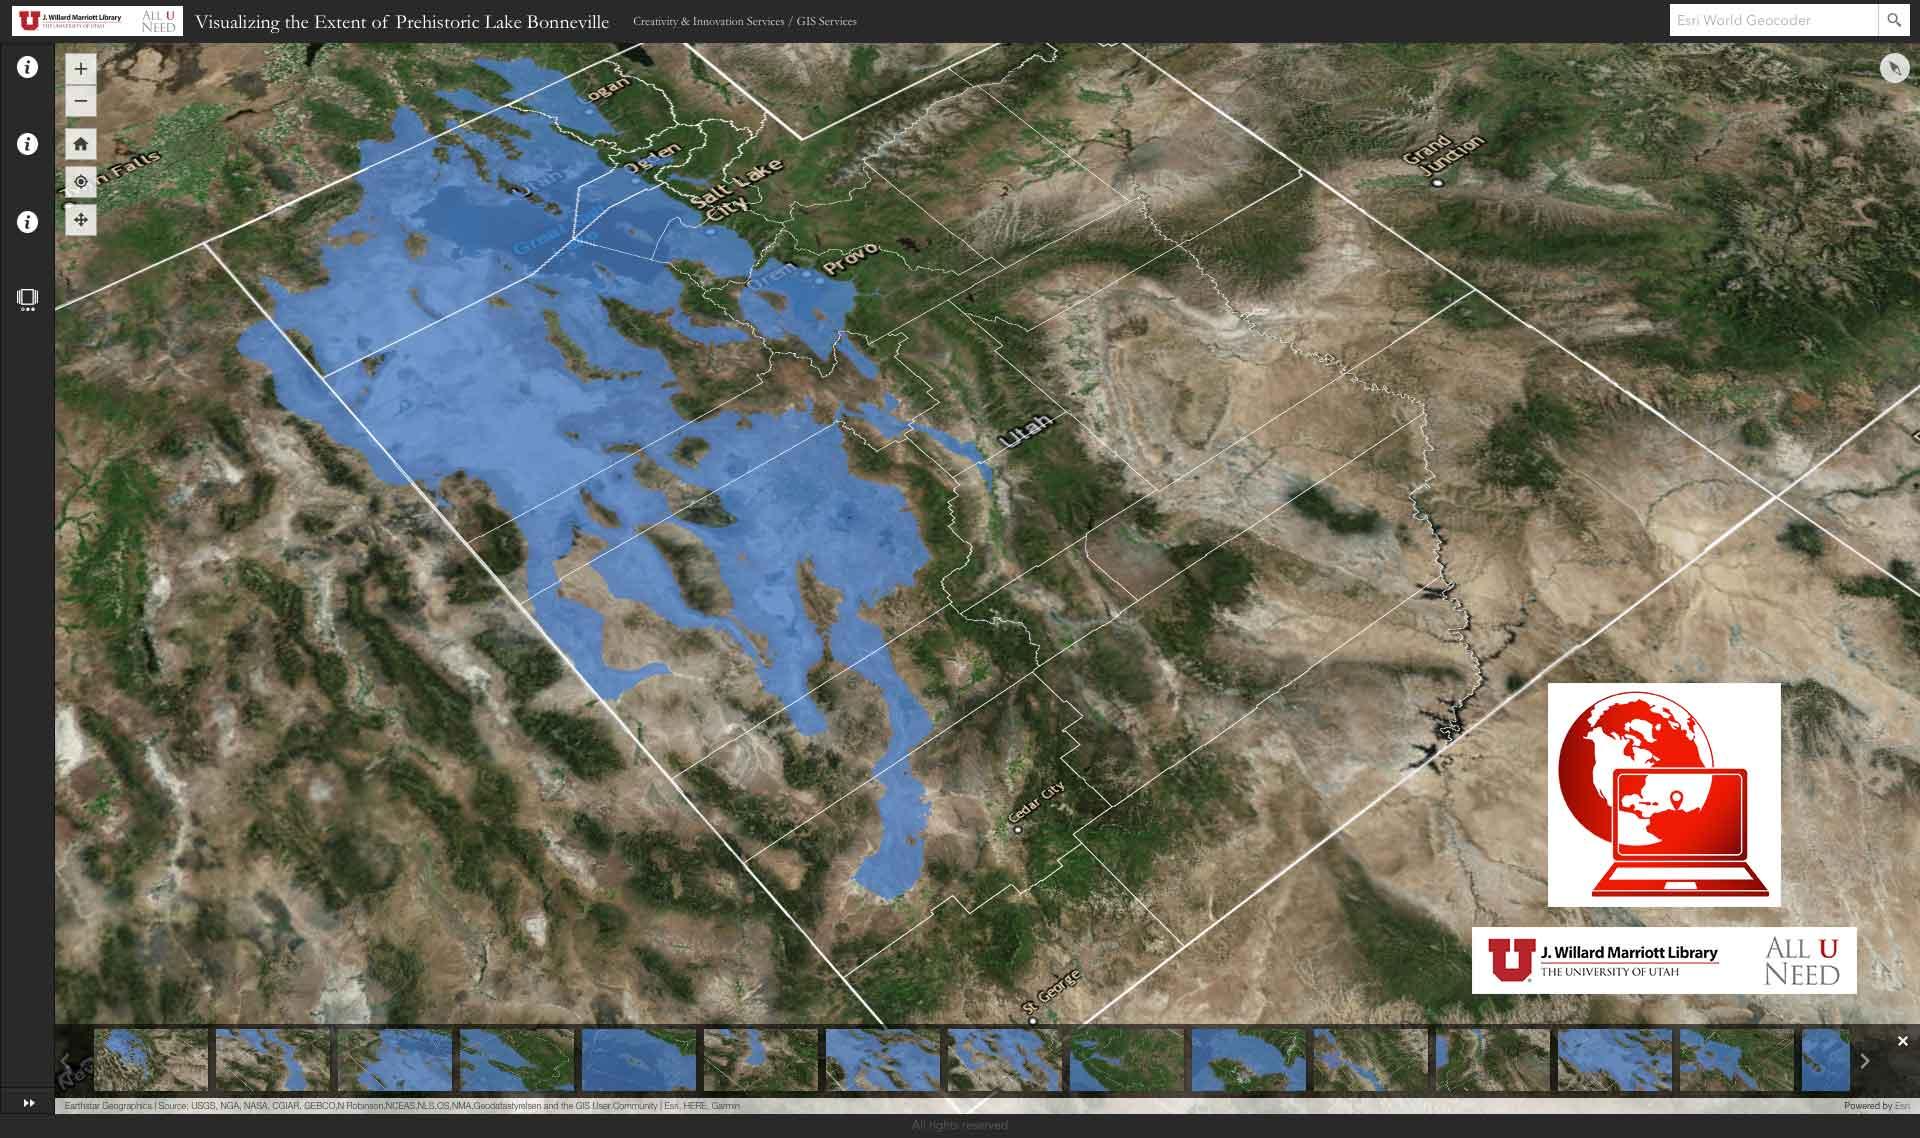 Lake Bonneville Map Visualizing the Extent of Prehistoric Lake Bonneville | J. Willard